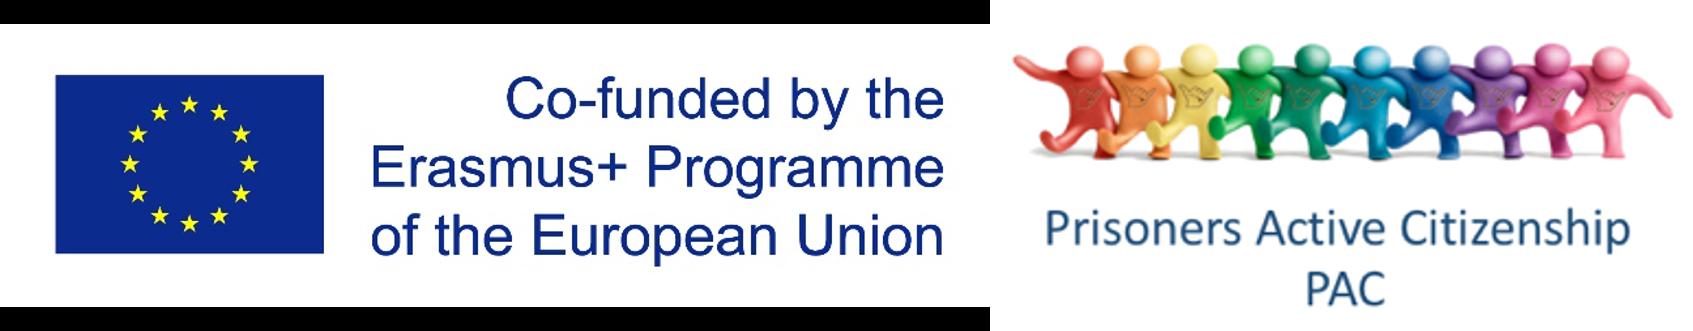 Erasmus+ and PAC logos